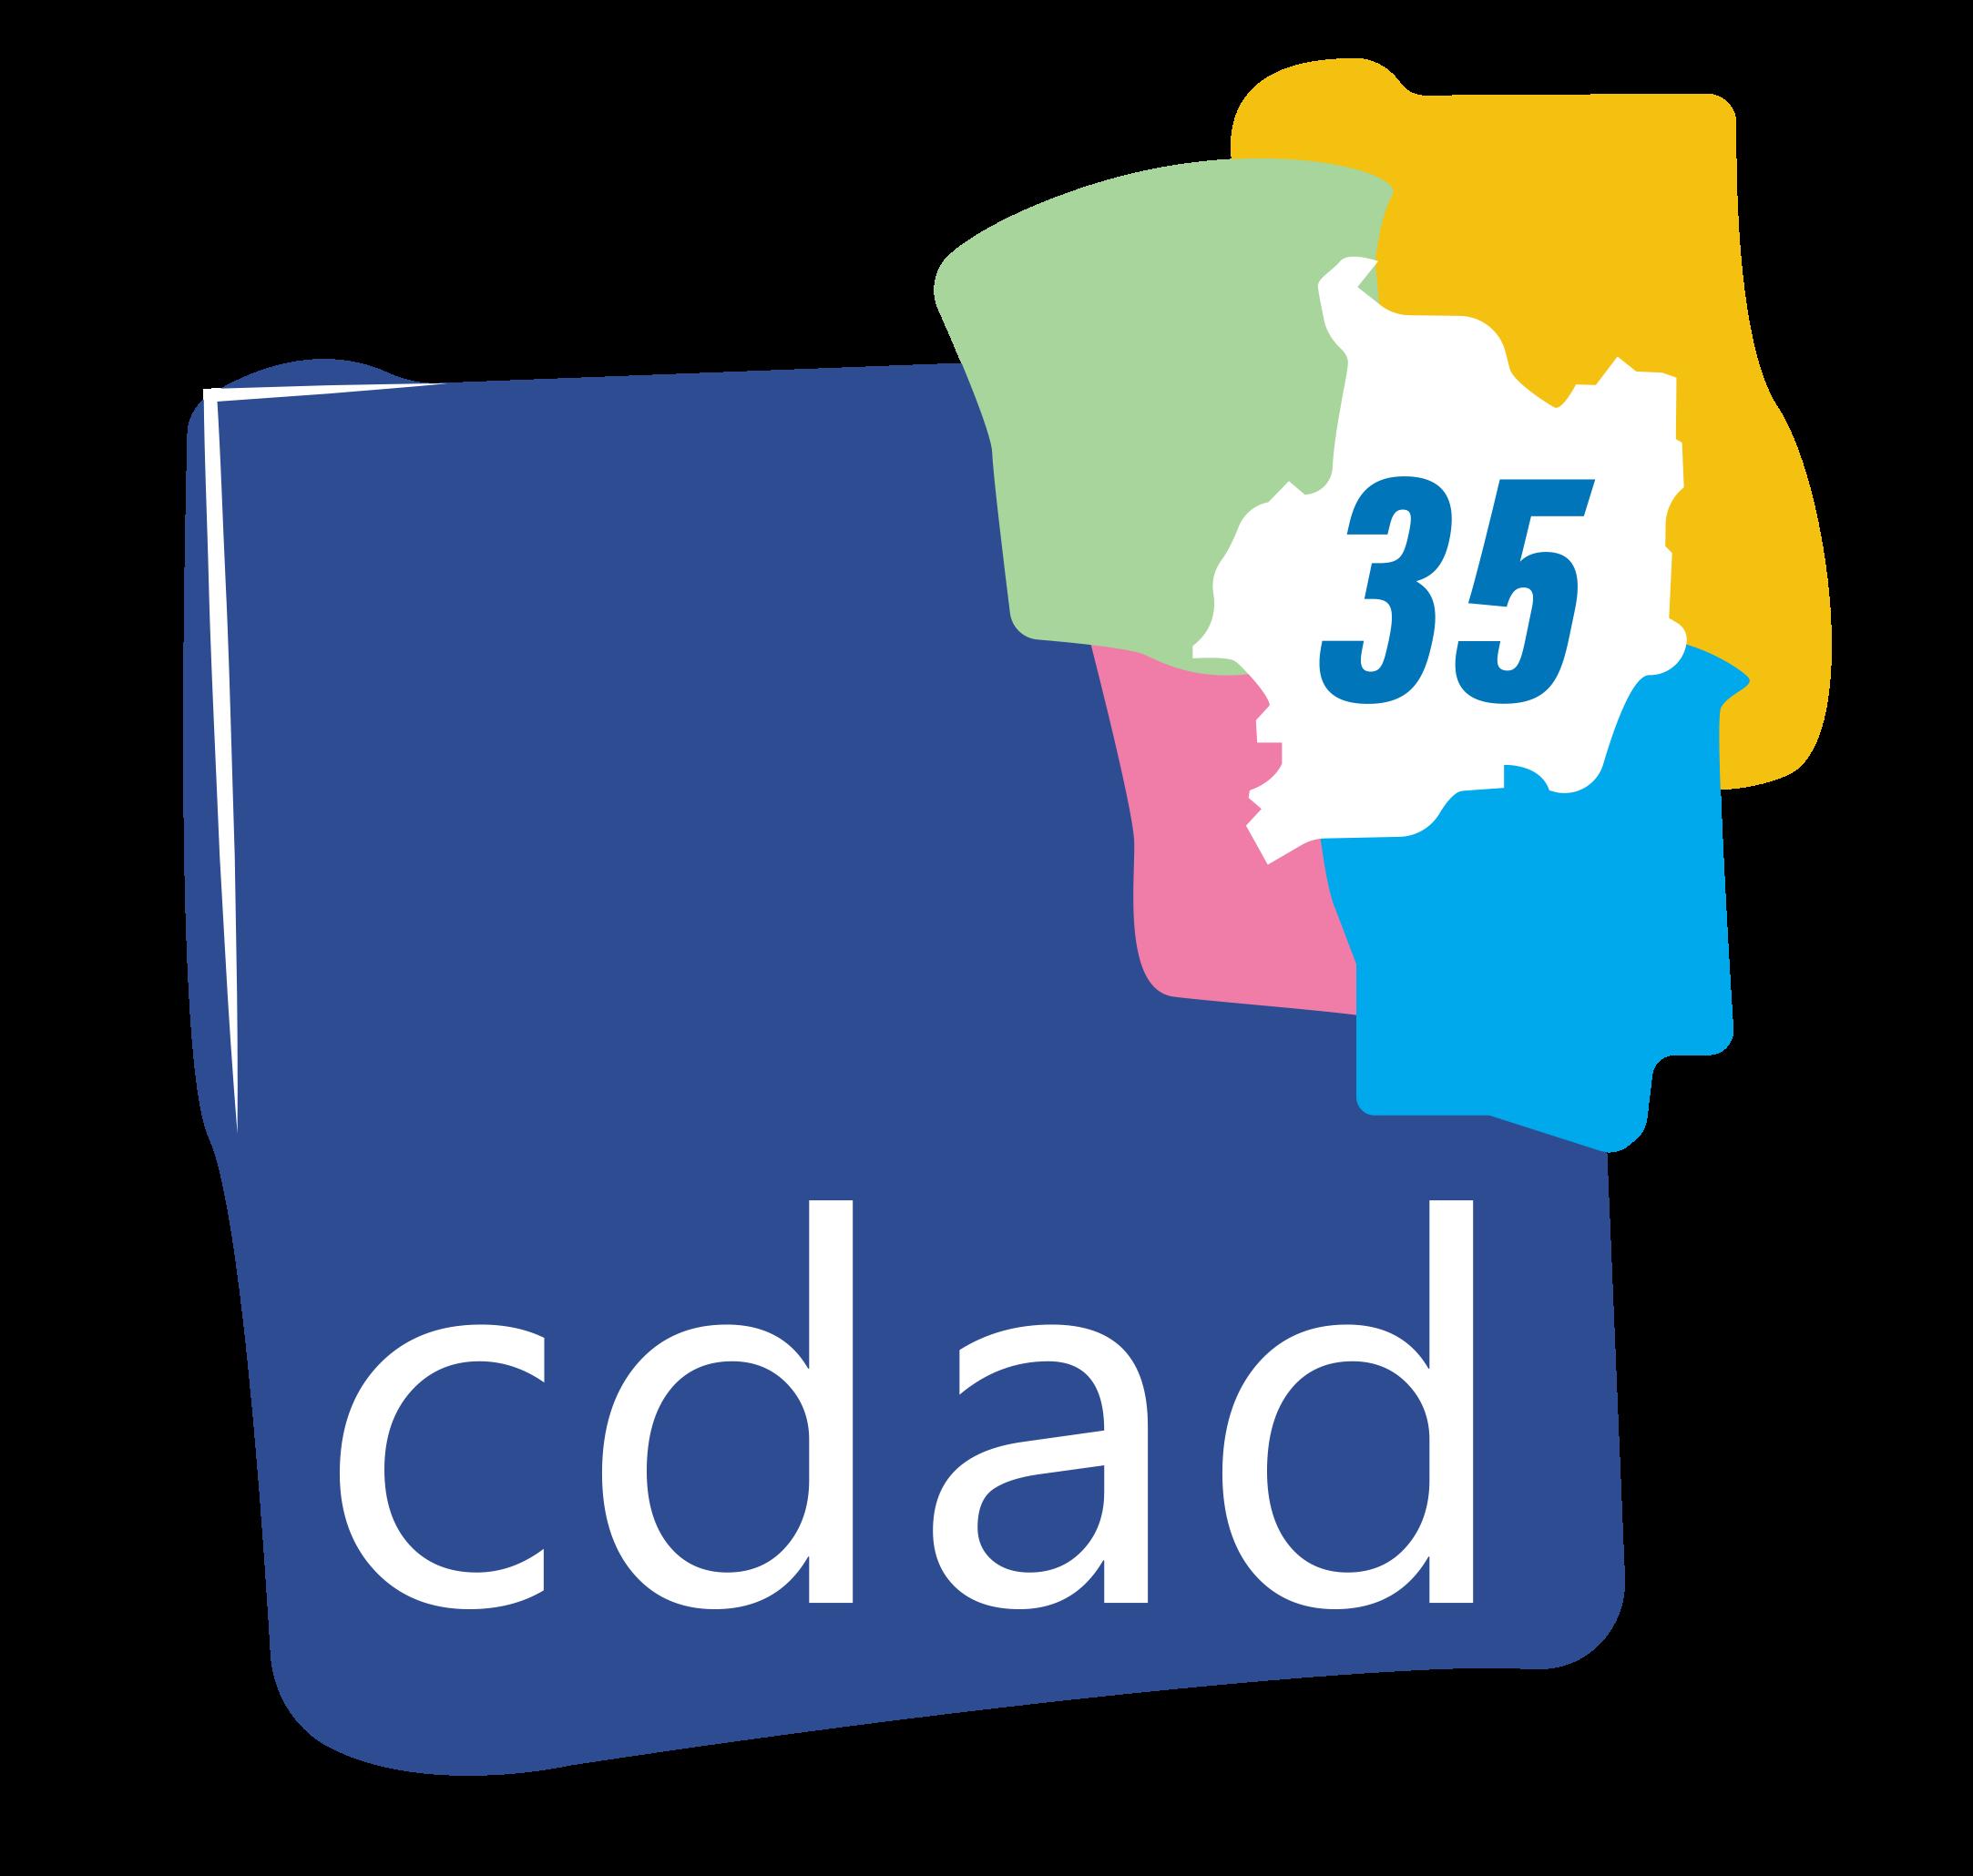 Cdad 35